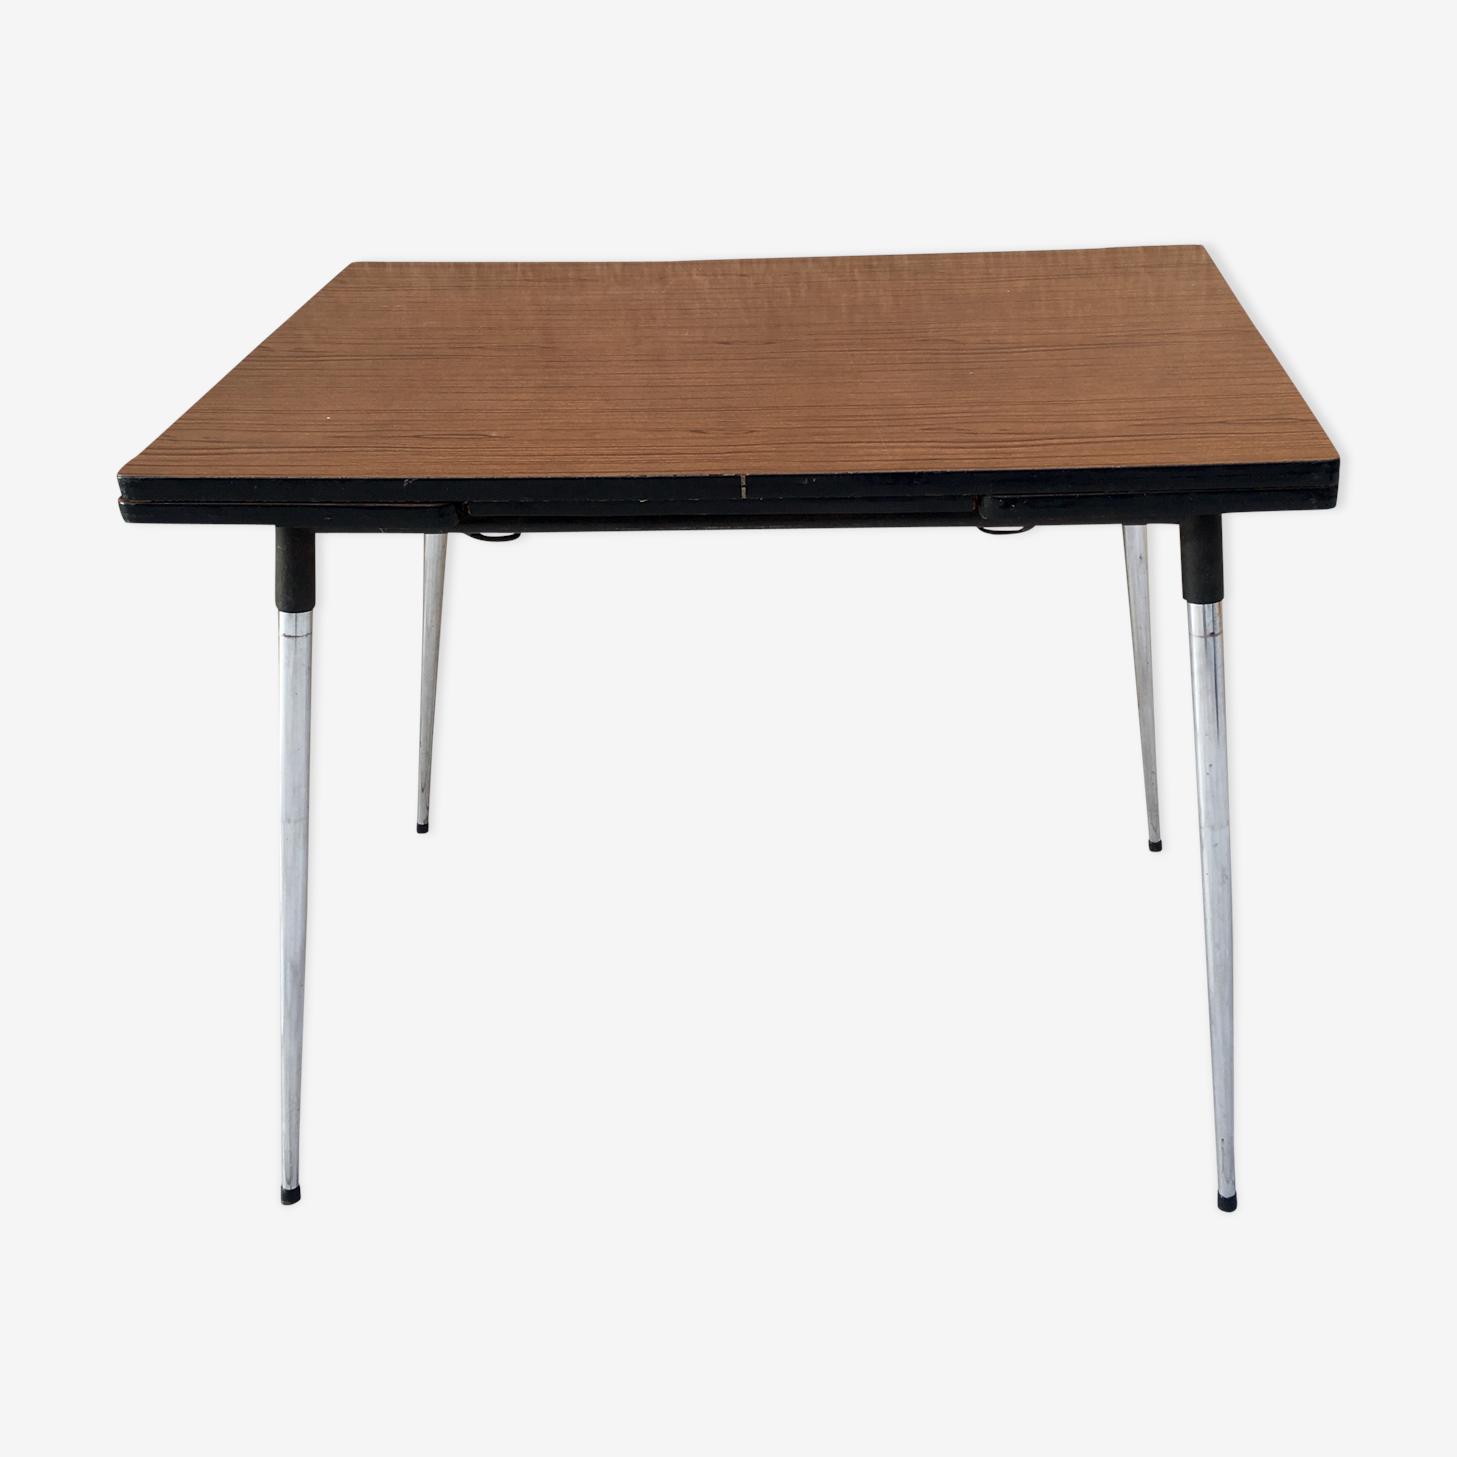 Table formica marbrée marron